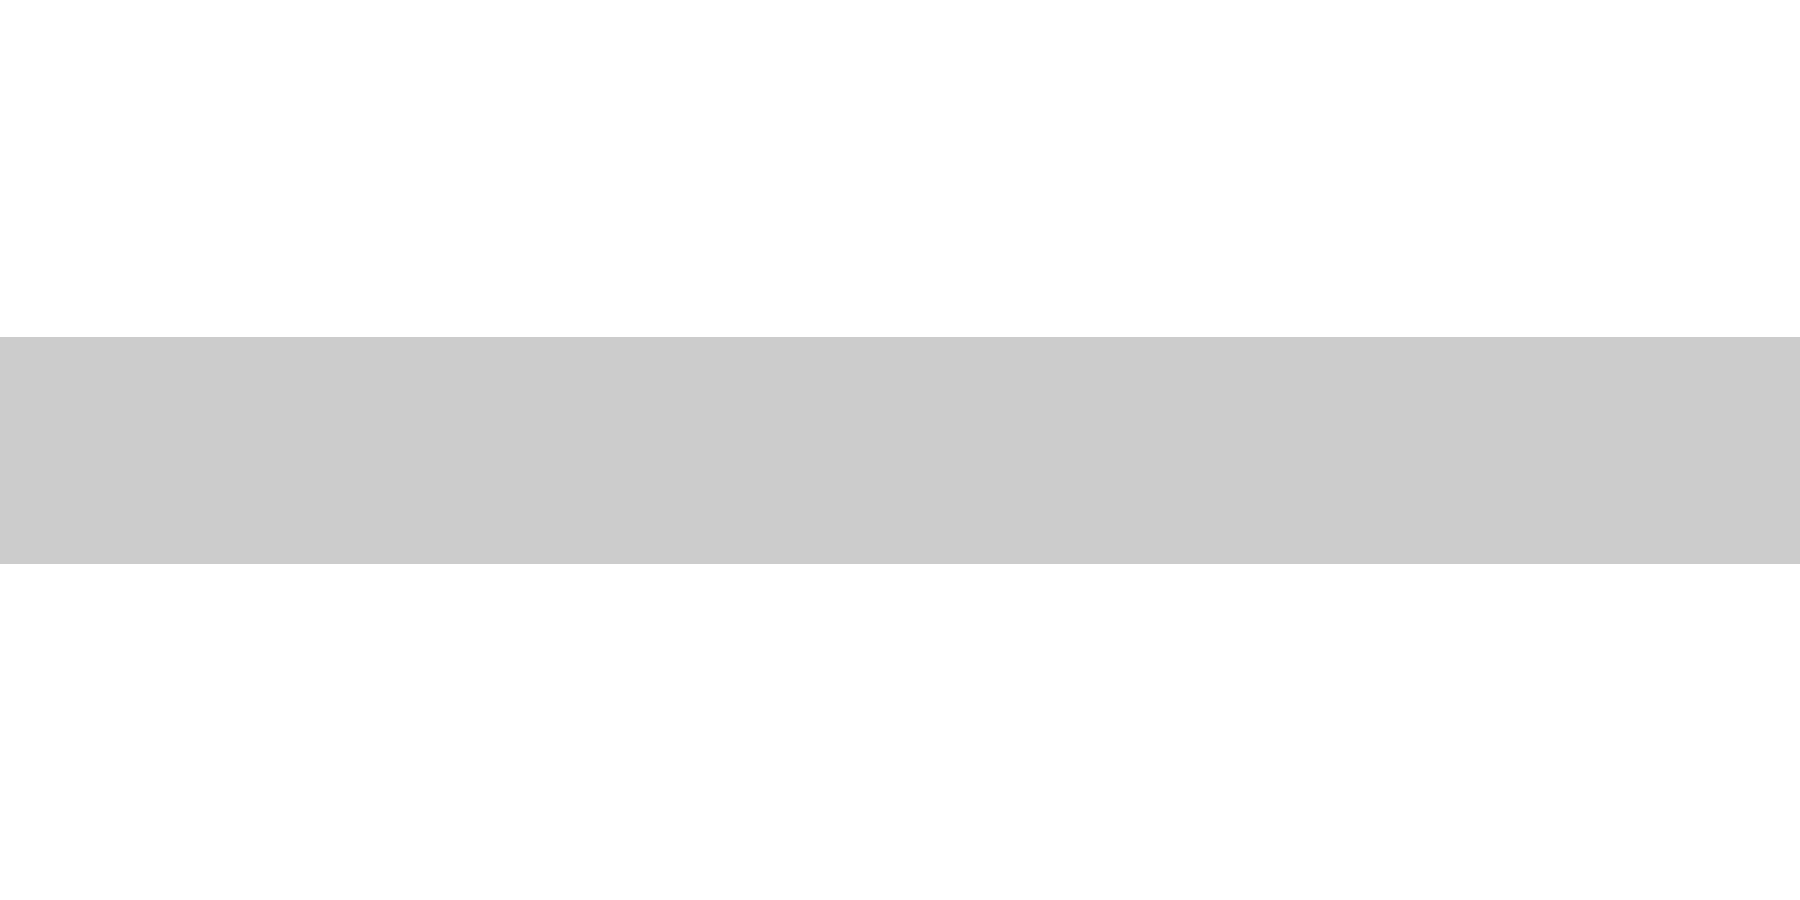 ソルフェジオ周波数_528hzの未再生の波形